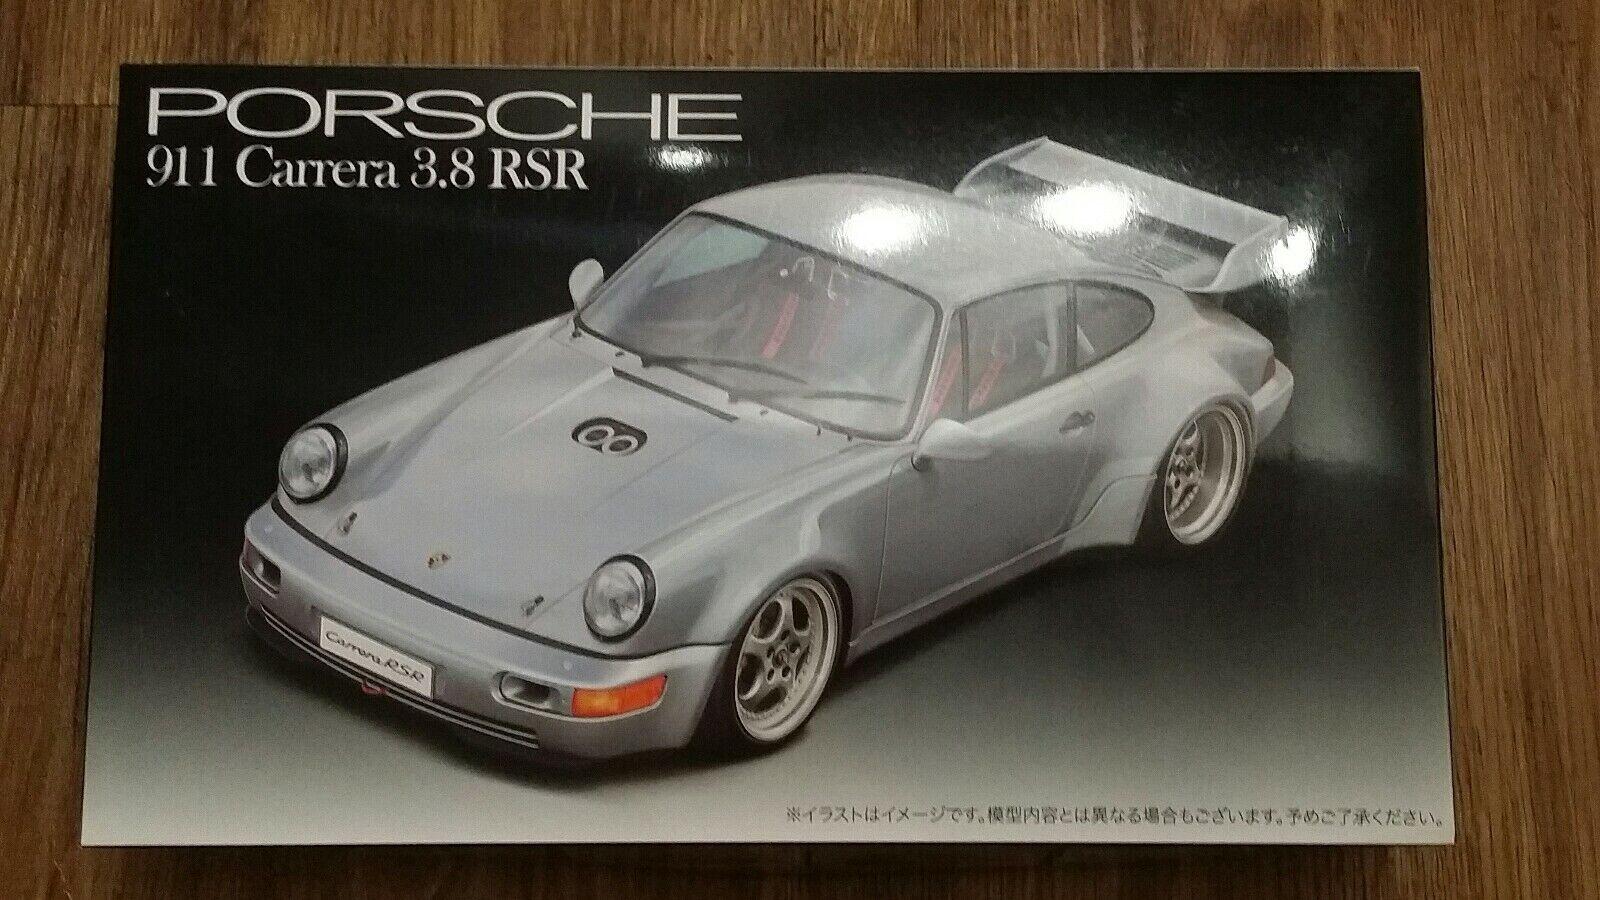 Fujimi - Porsche 911 Carrera 3.8 RSR - 2019 Release - 1 24 Scale Car Model Kit